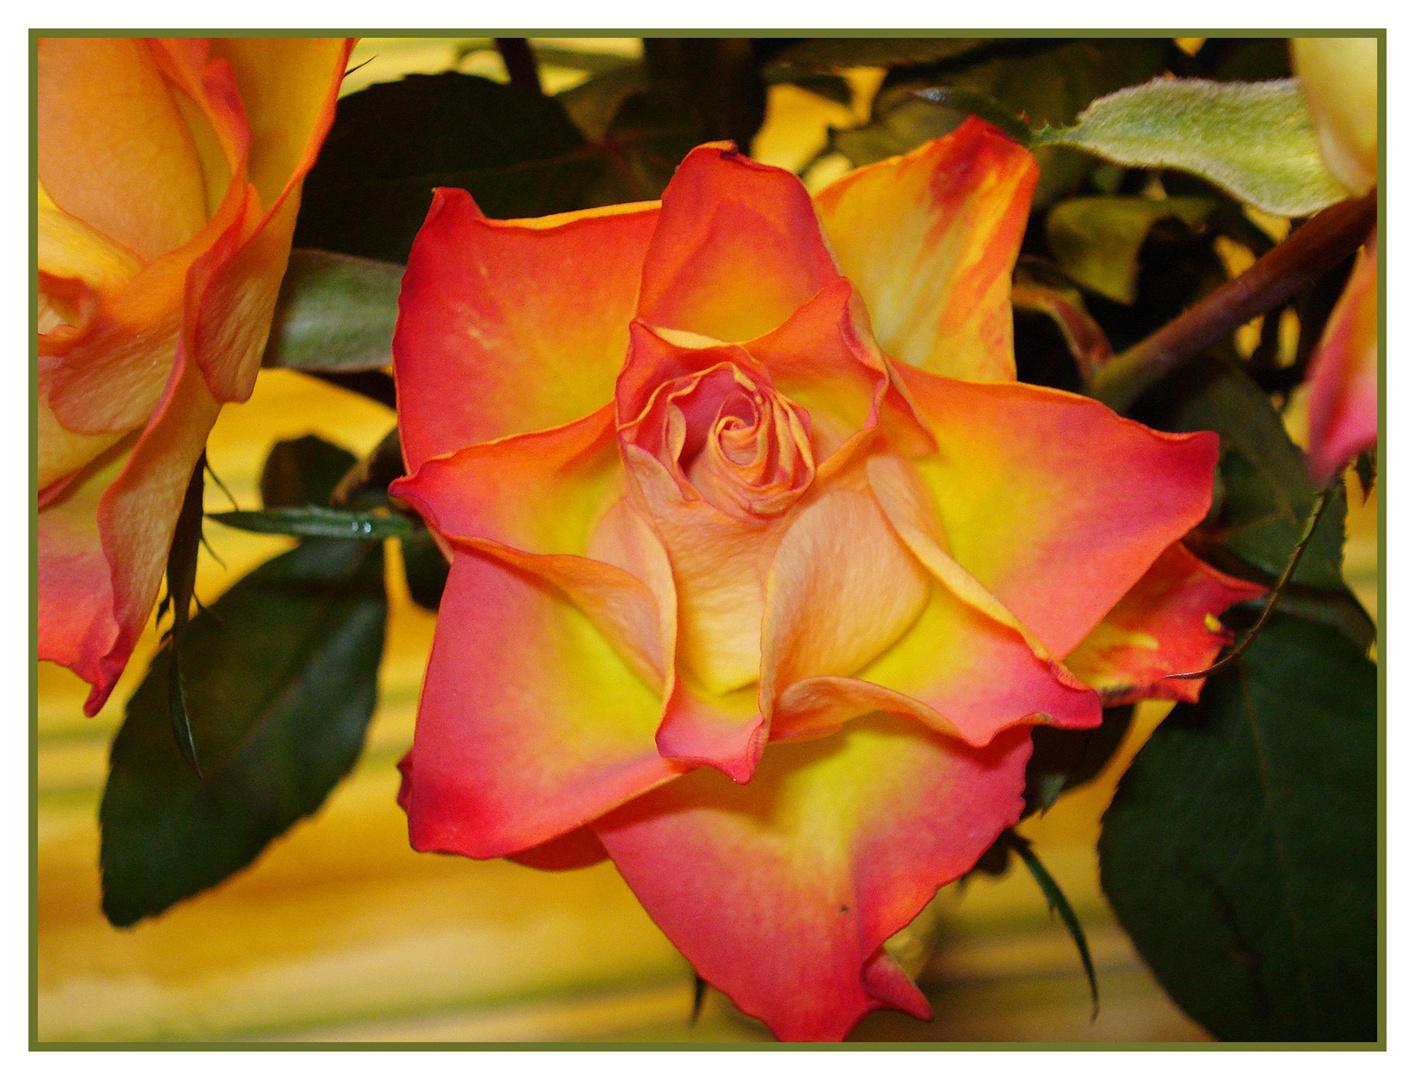 Blumengrüsse für euch und ein schönes wochenende bei vielleicht